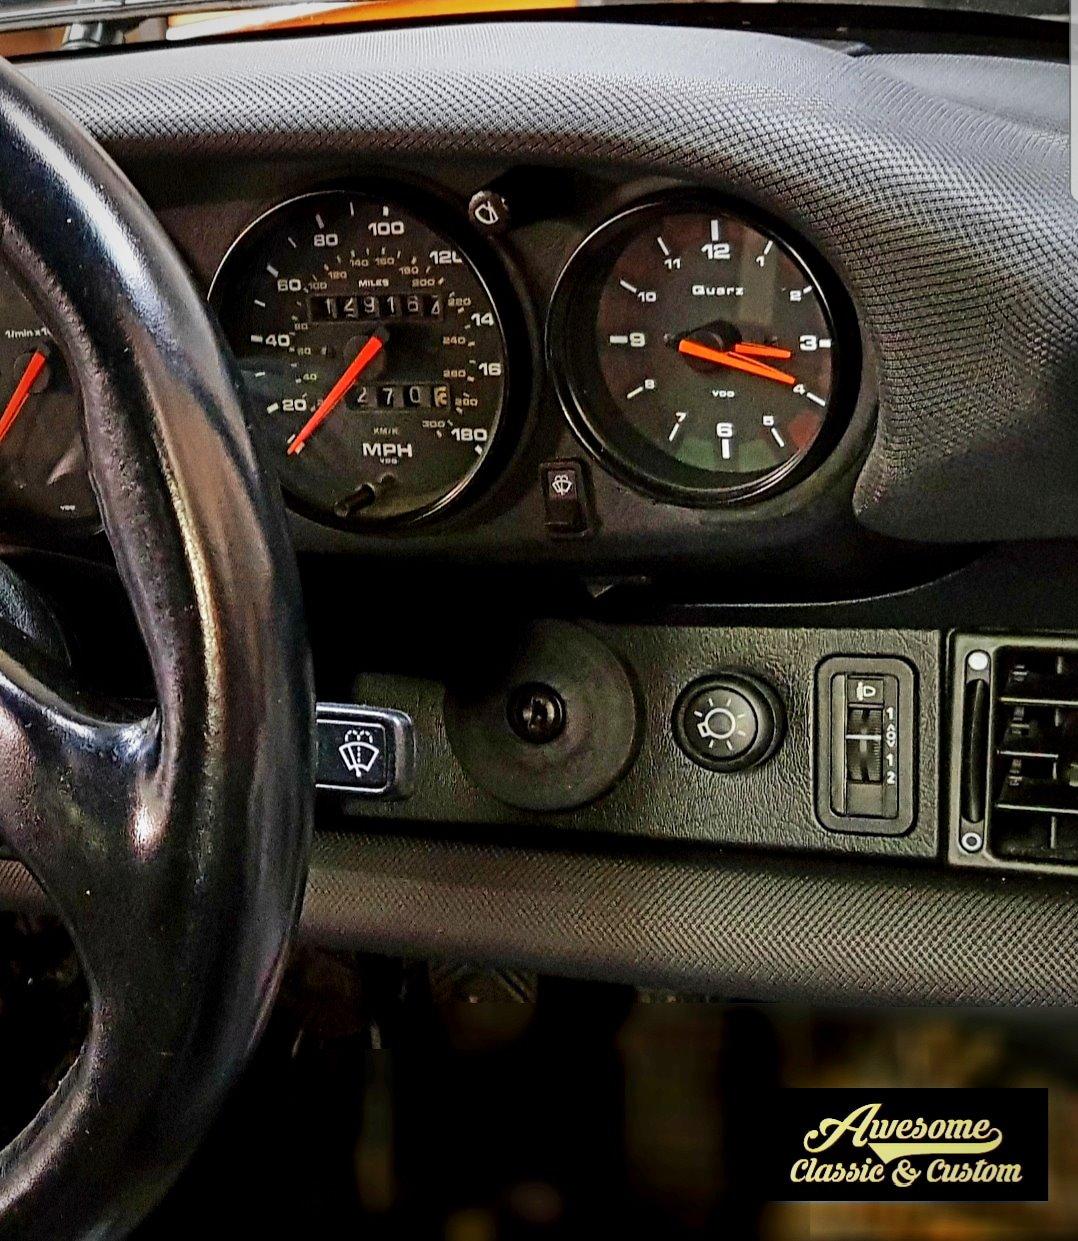 Porsche 911/964 dashboard